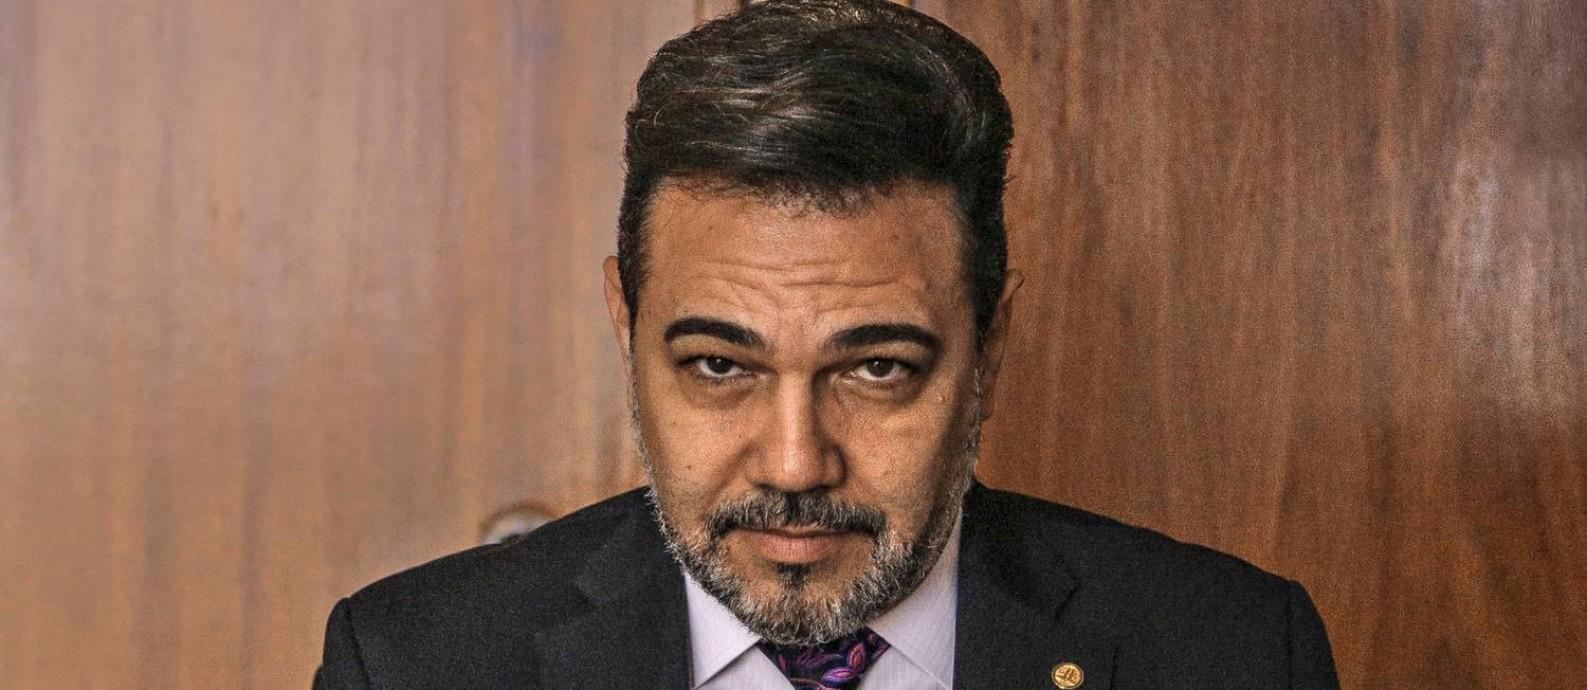 Feliciano apresentou Bolsonaro a lideranças evangélicas que ele antes não conhecia. Em troca, ganhou prioridade na agenda presidencial. Foto: Andre Coelho / Agência O Globo